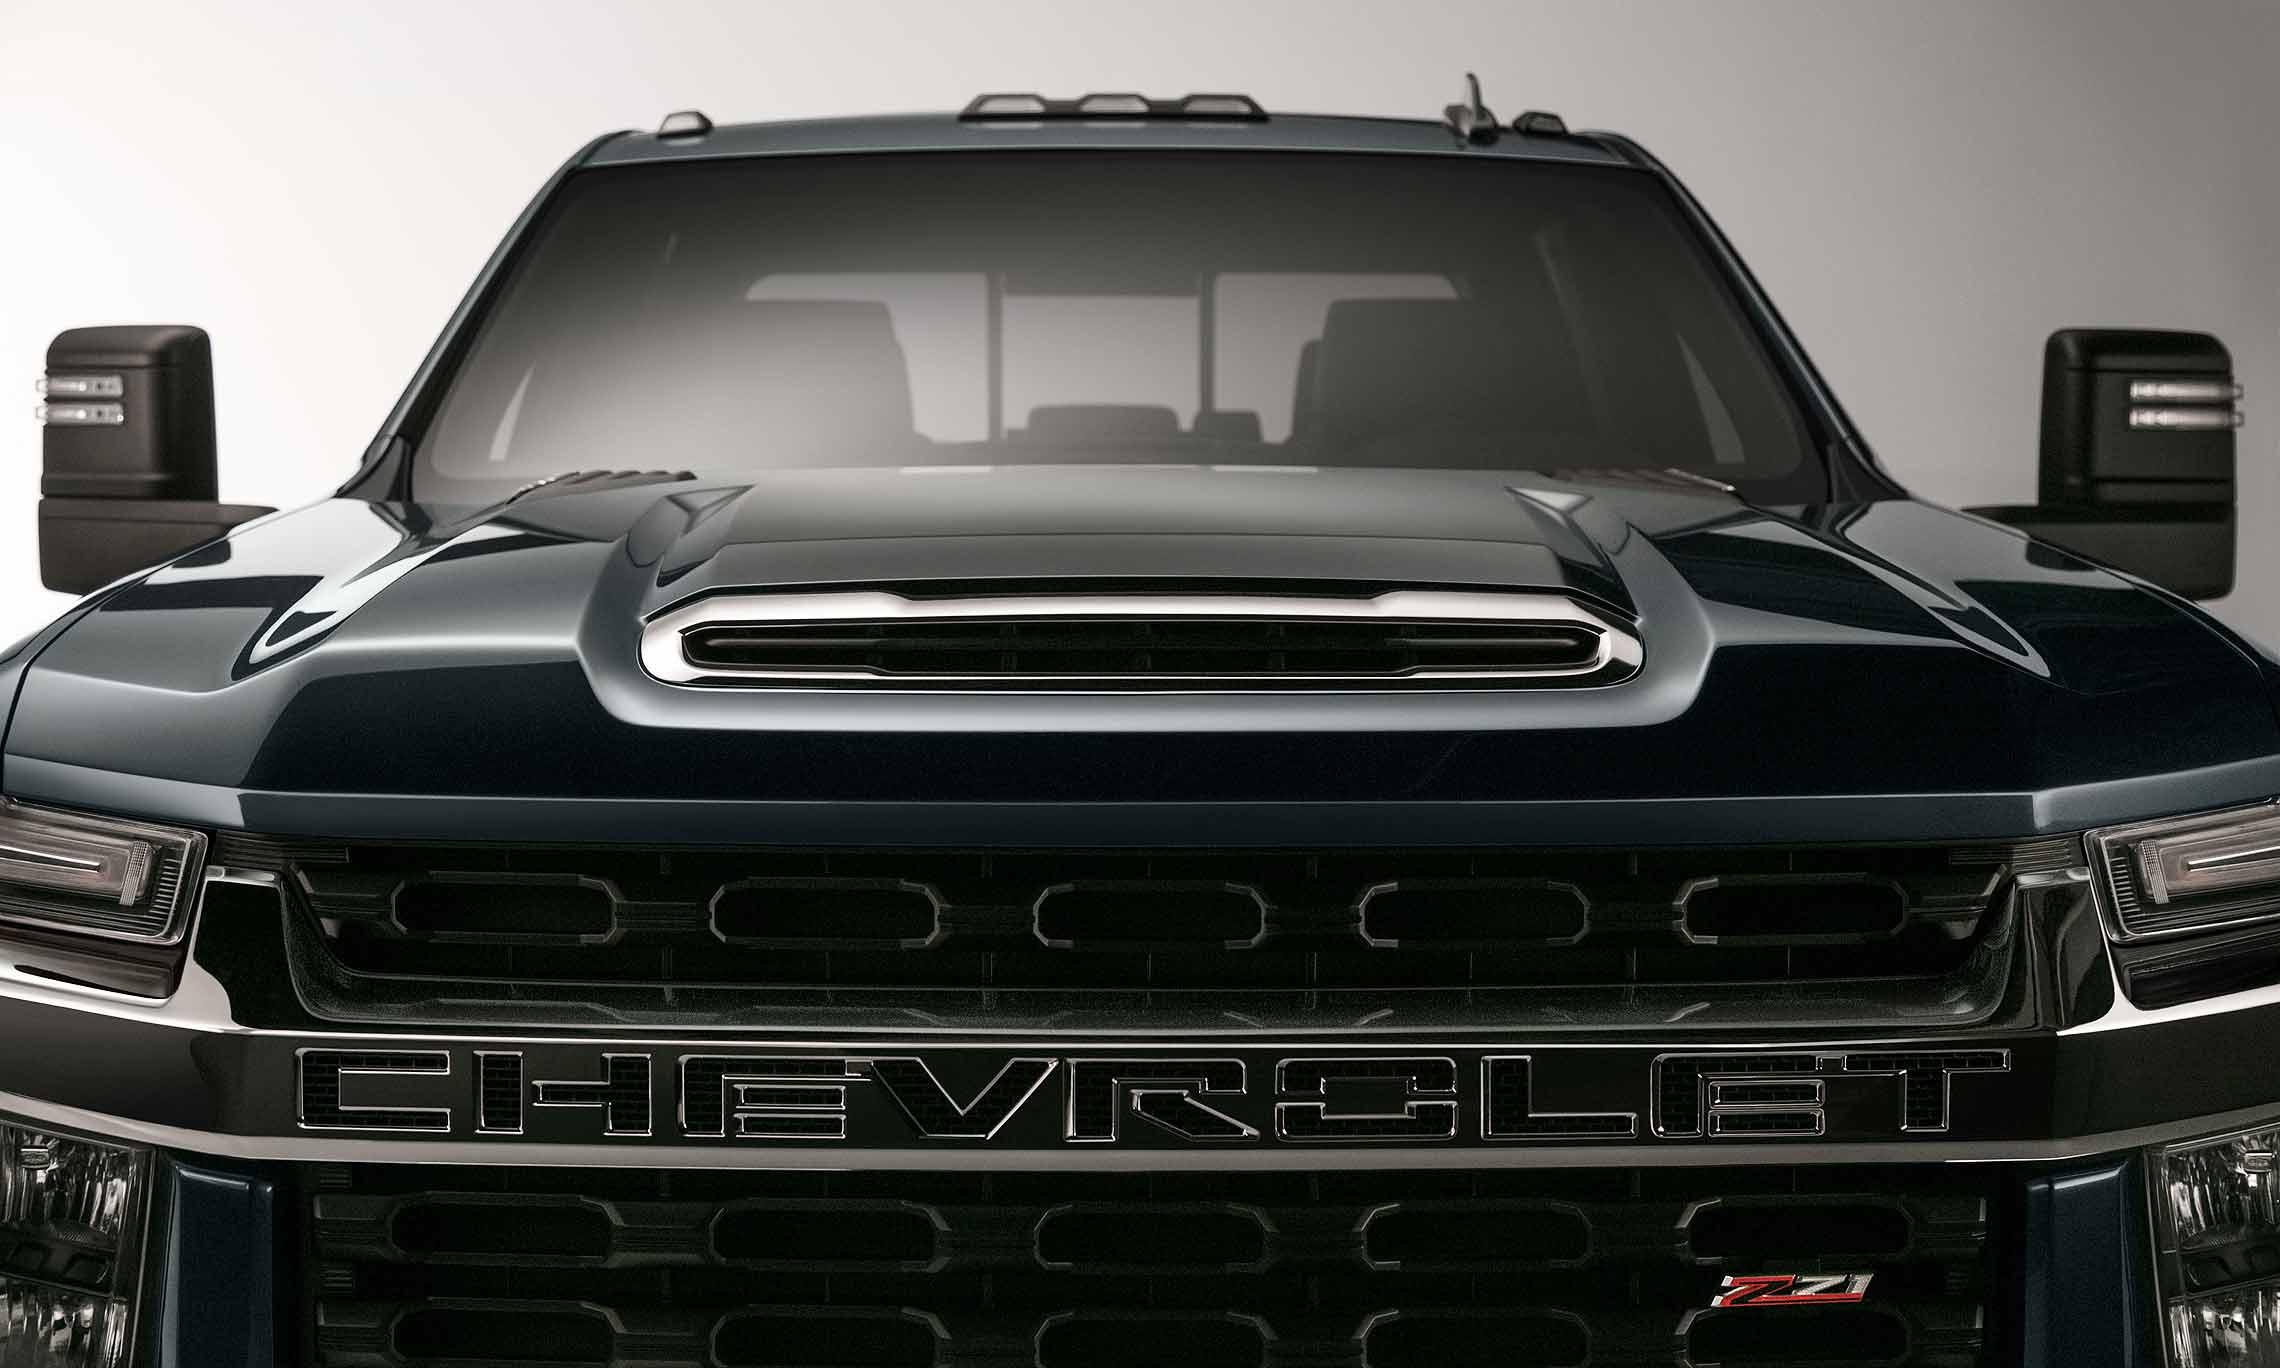 13 All New Chevrolet Silverado 2020 Release Date Reviews for Chevrolet Silverado 2020 Release Date